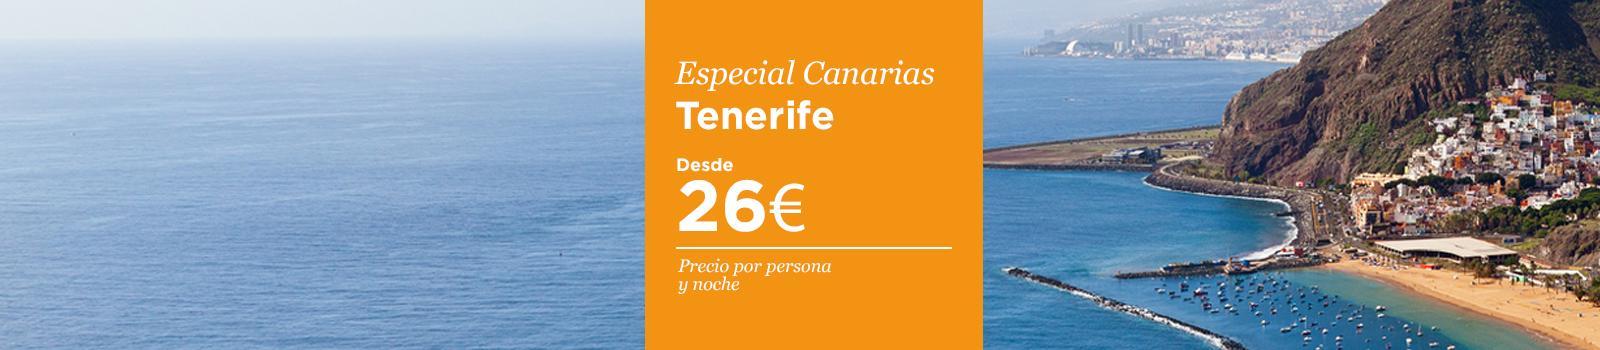 Hoteles en Canarias